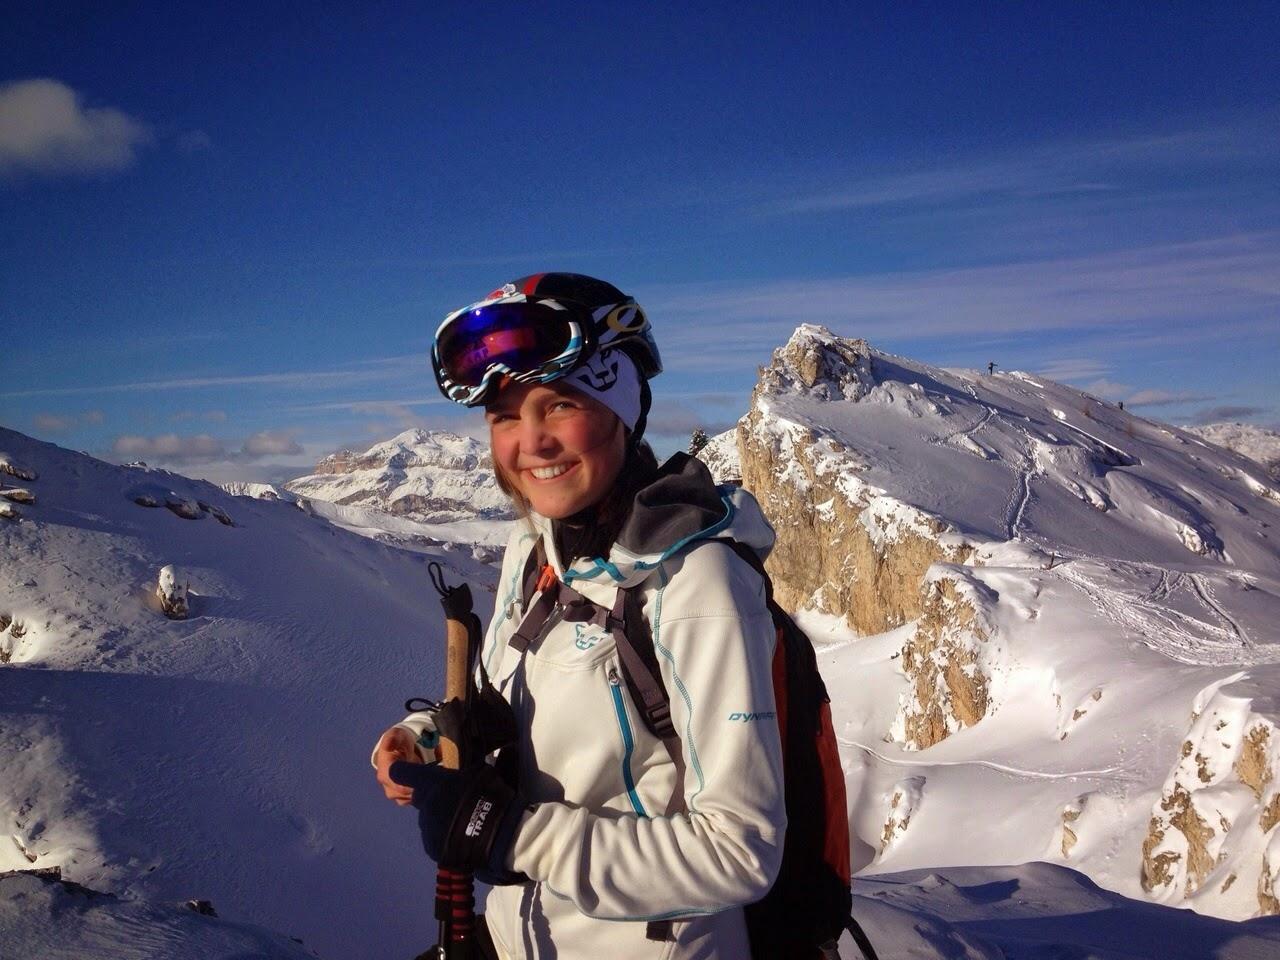 Milly Ski Touring